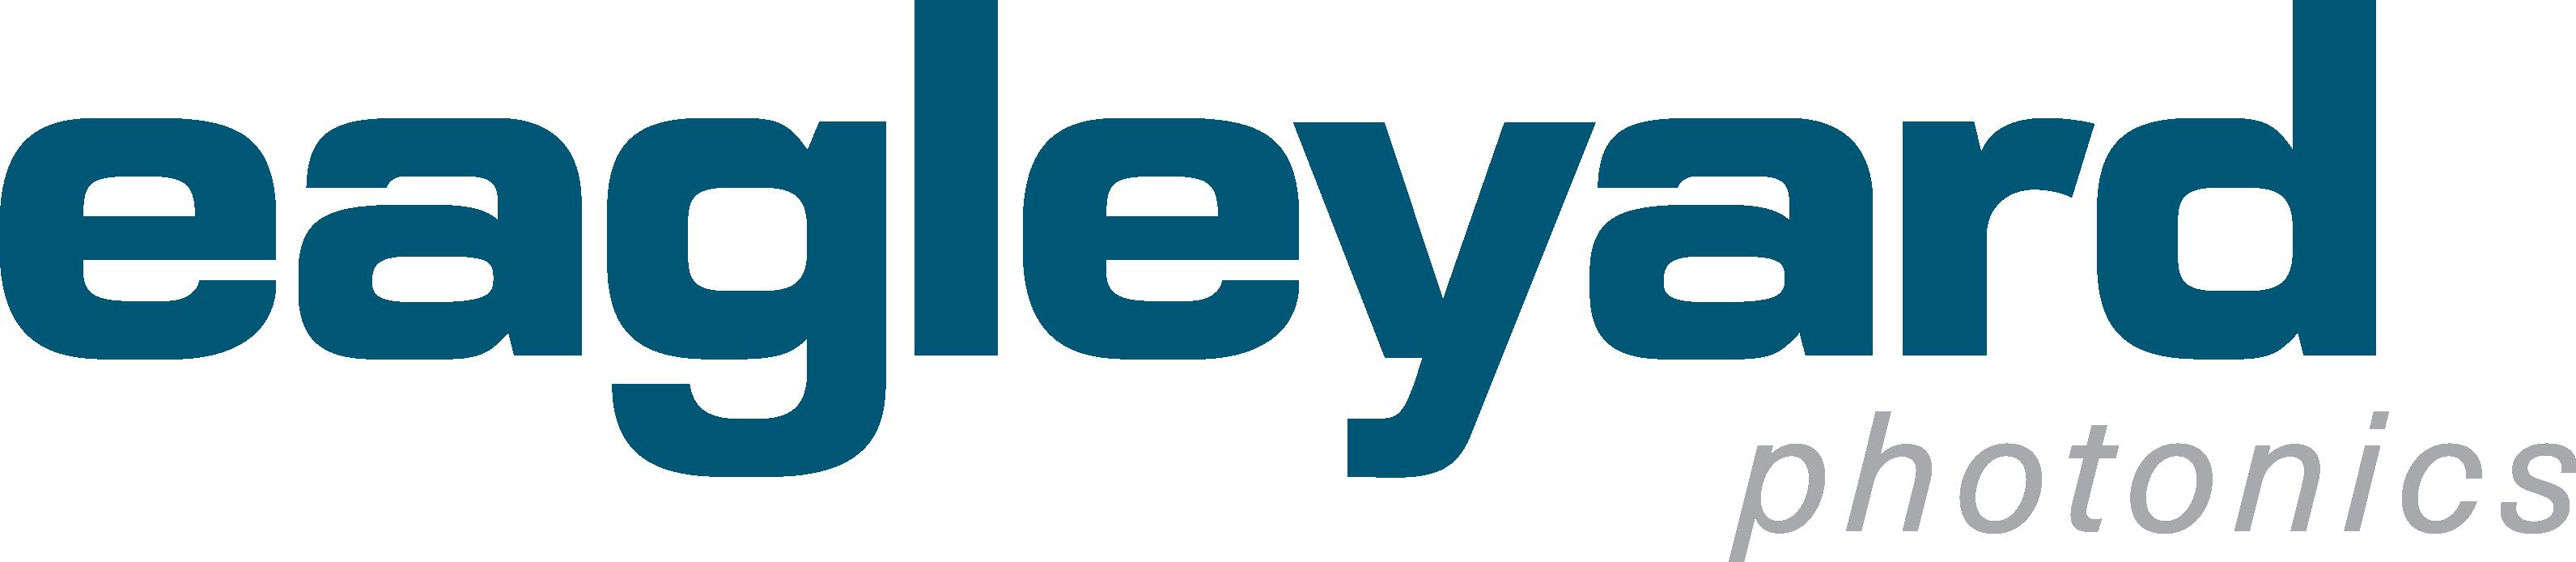 eagleyard